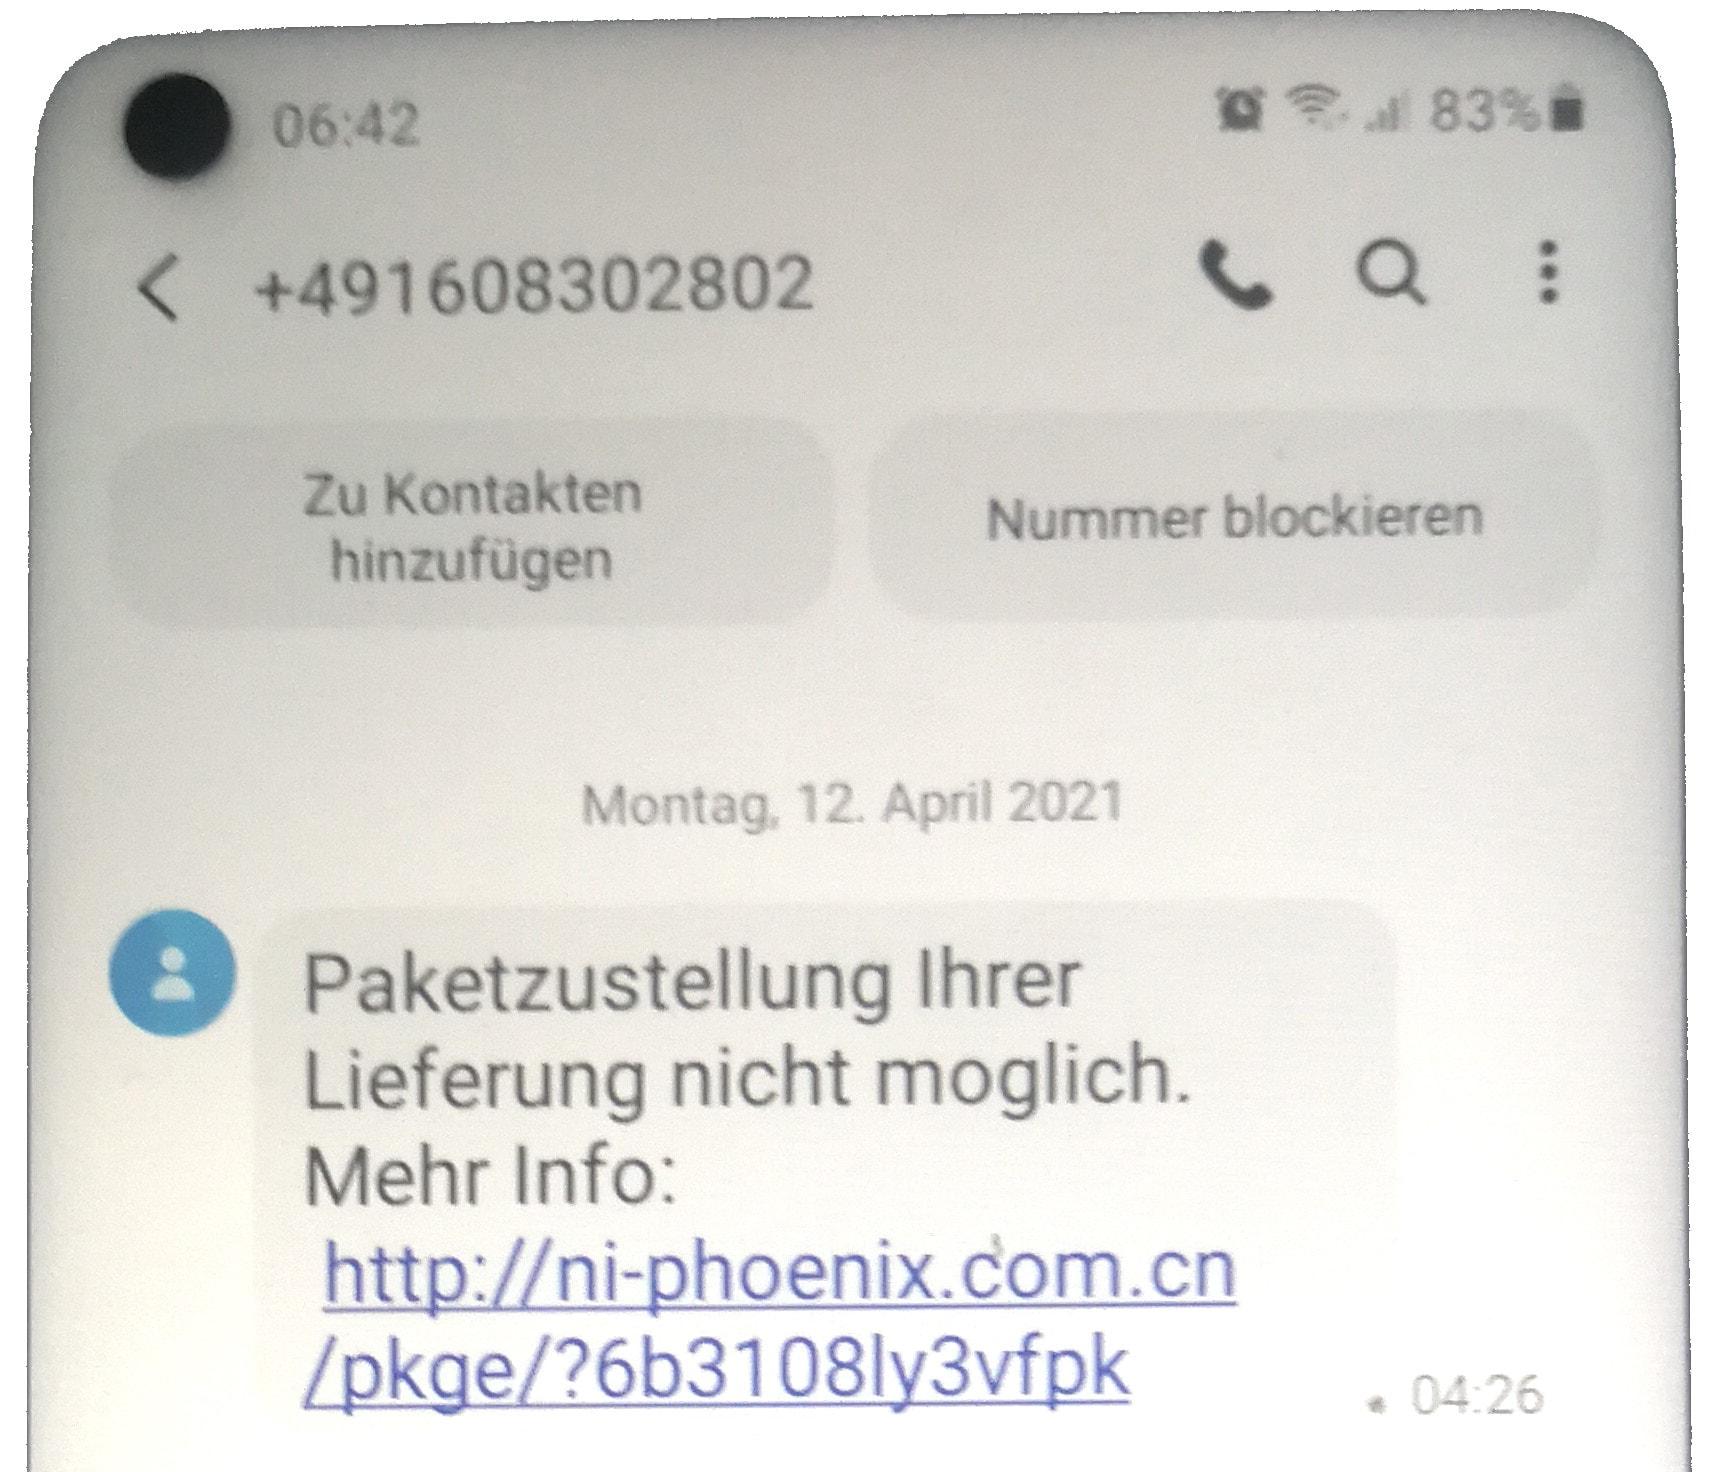 Kurz erklärt: Fake-Paketbenachrichtigung per SMS - webwork